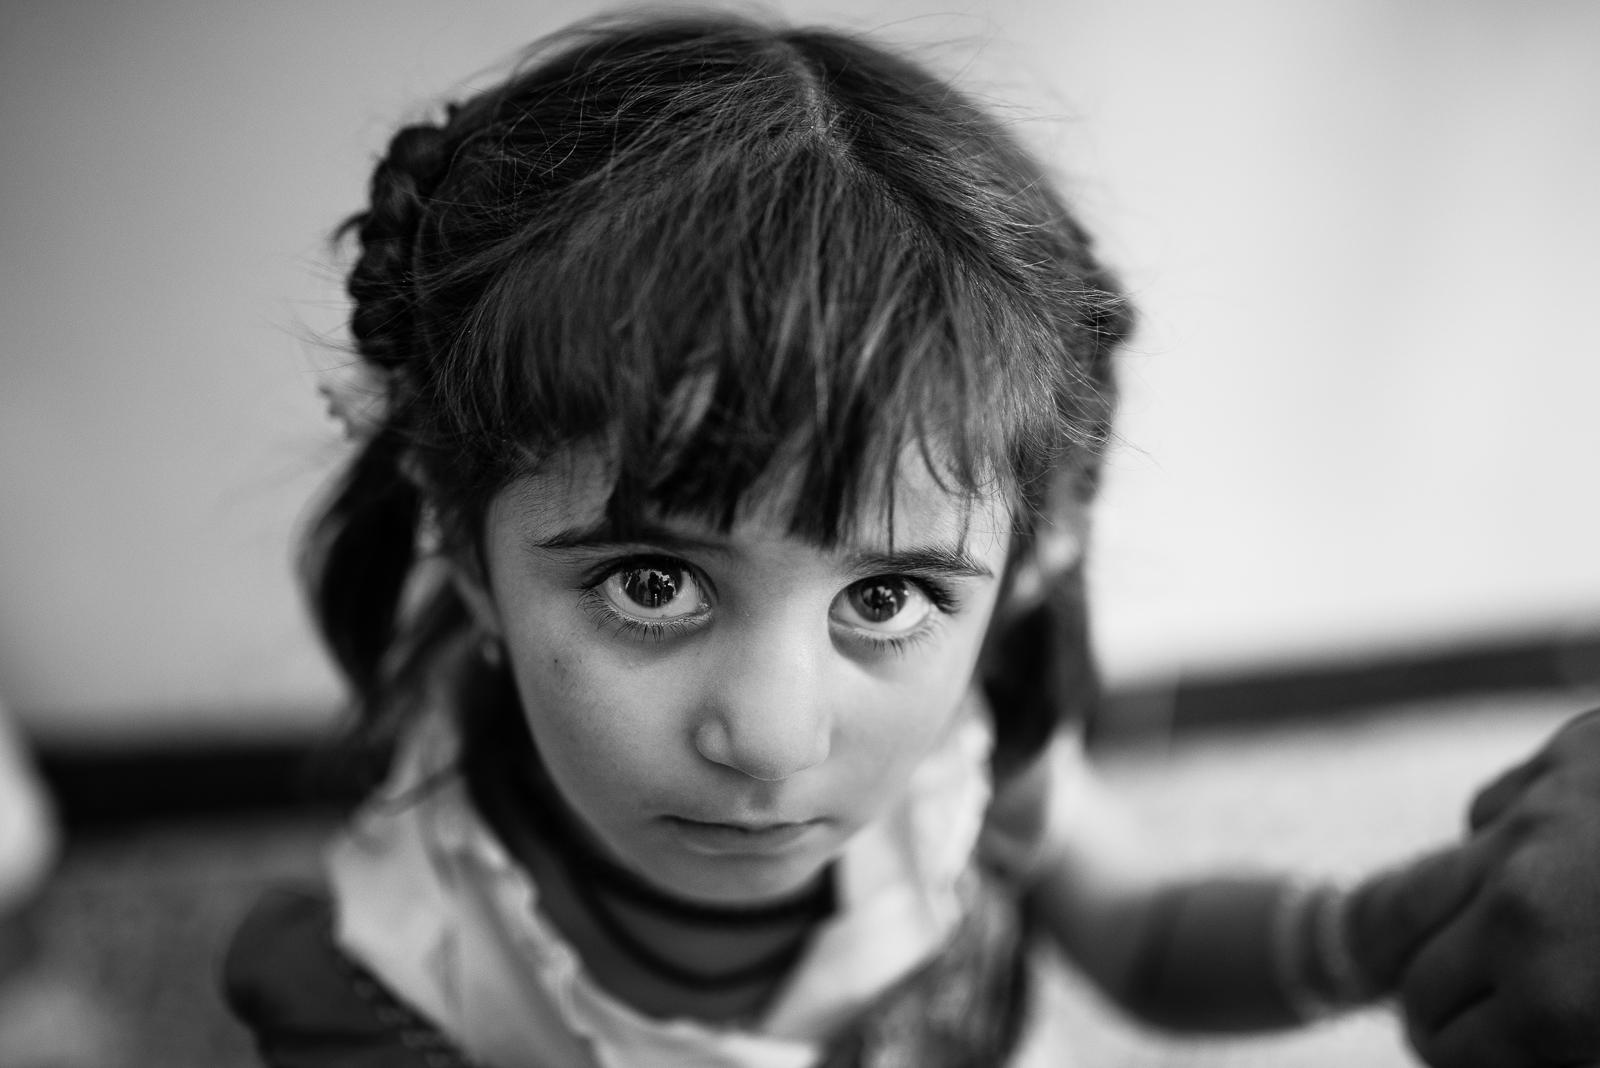 Little girl inside a Zakho's school